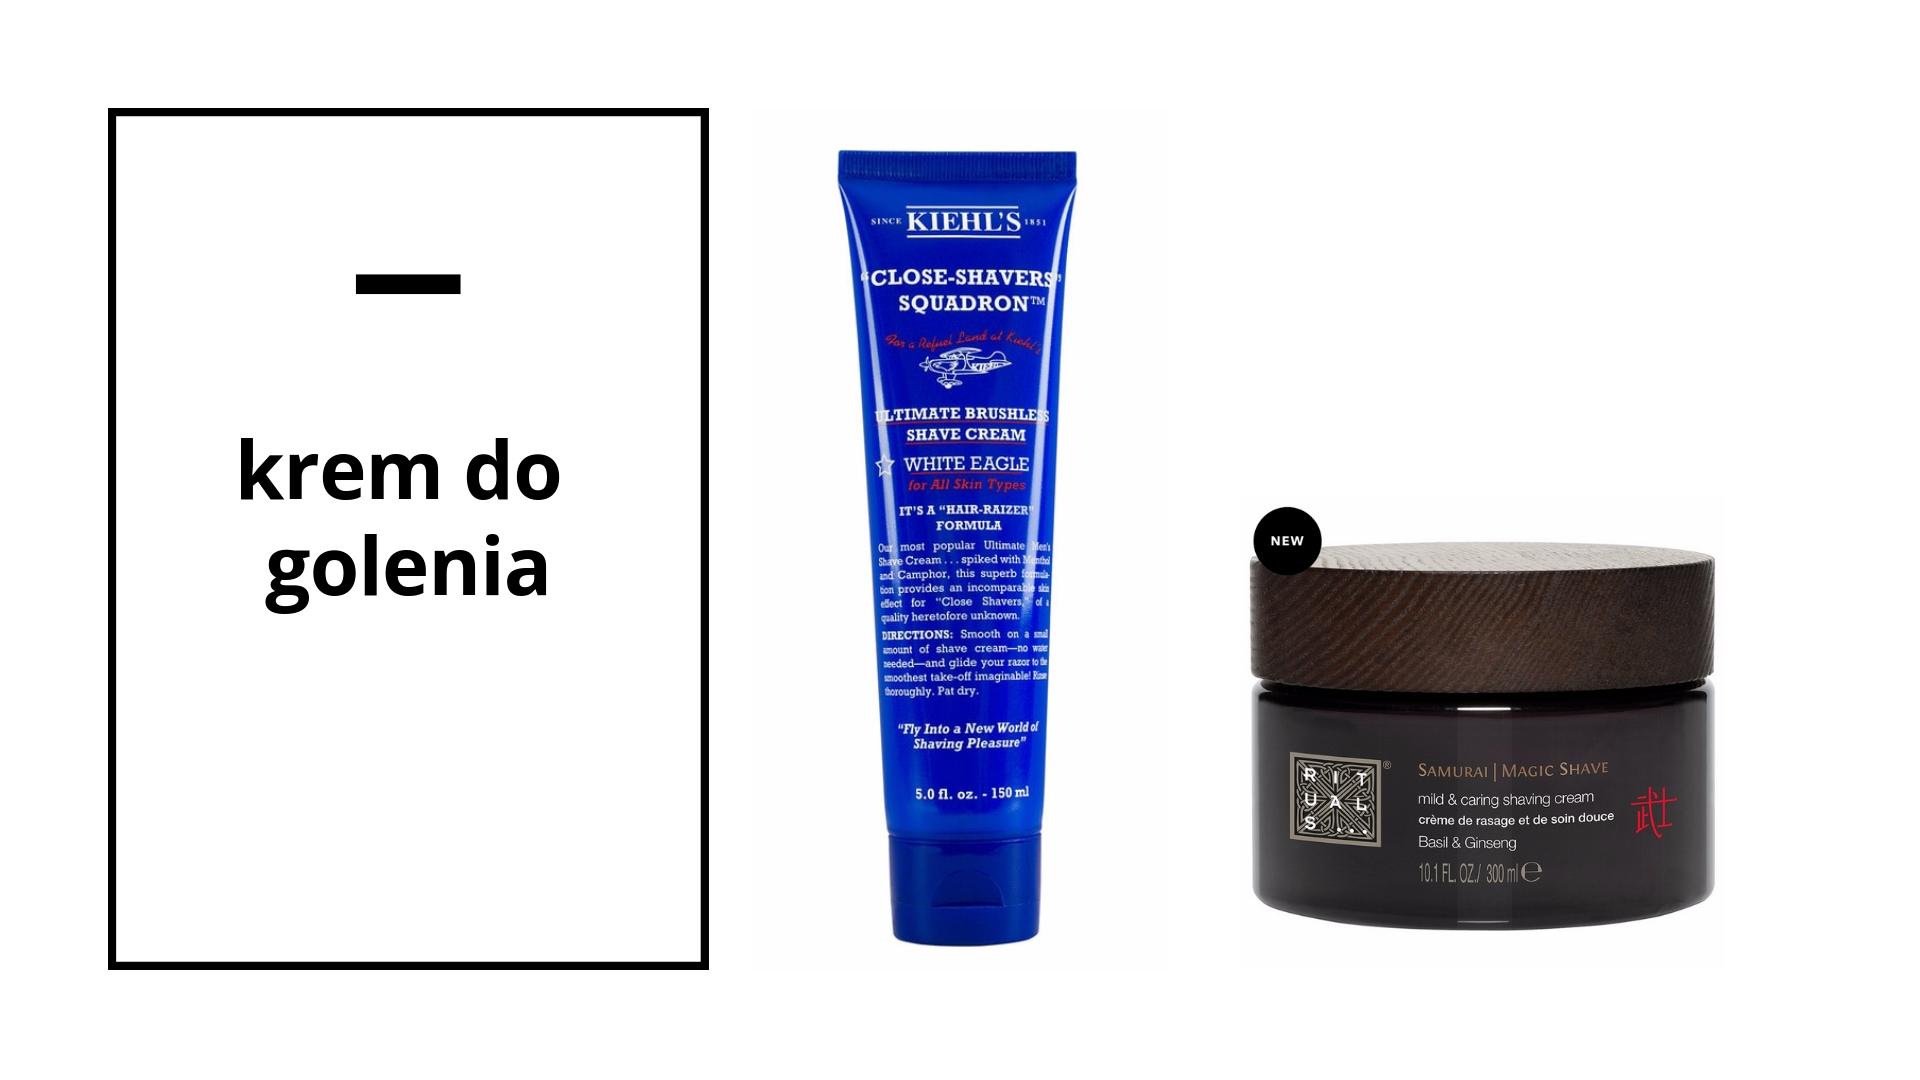 krem przed goleniem kosmetyki